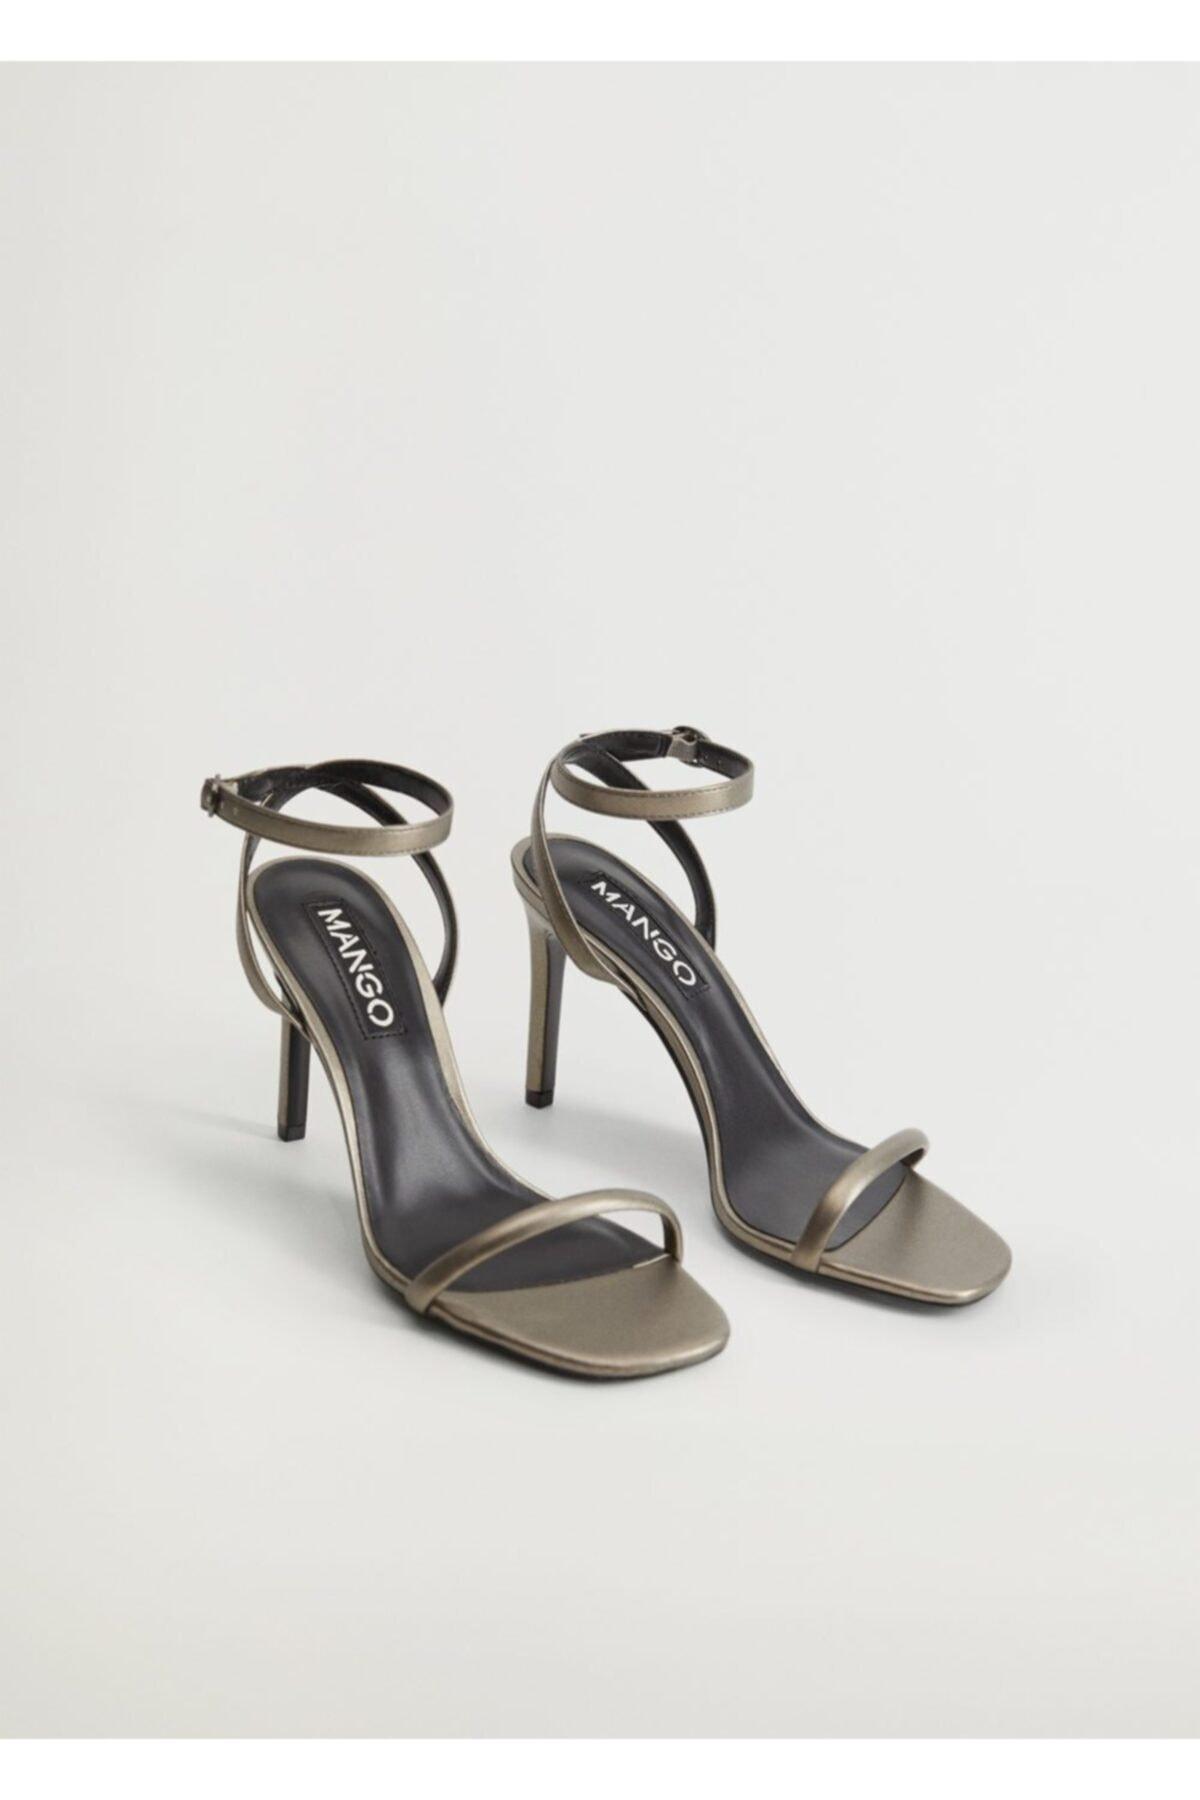 MANGO Woman Kadın Koyu Gümüş Rengi Timsah Derisi Desenli Bantlı Sandalet  77010043 1